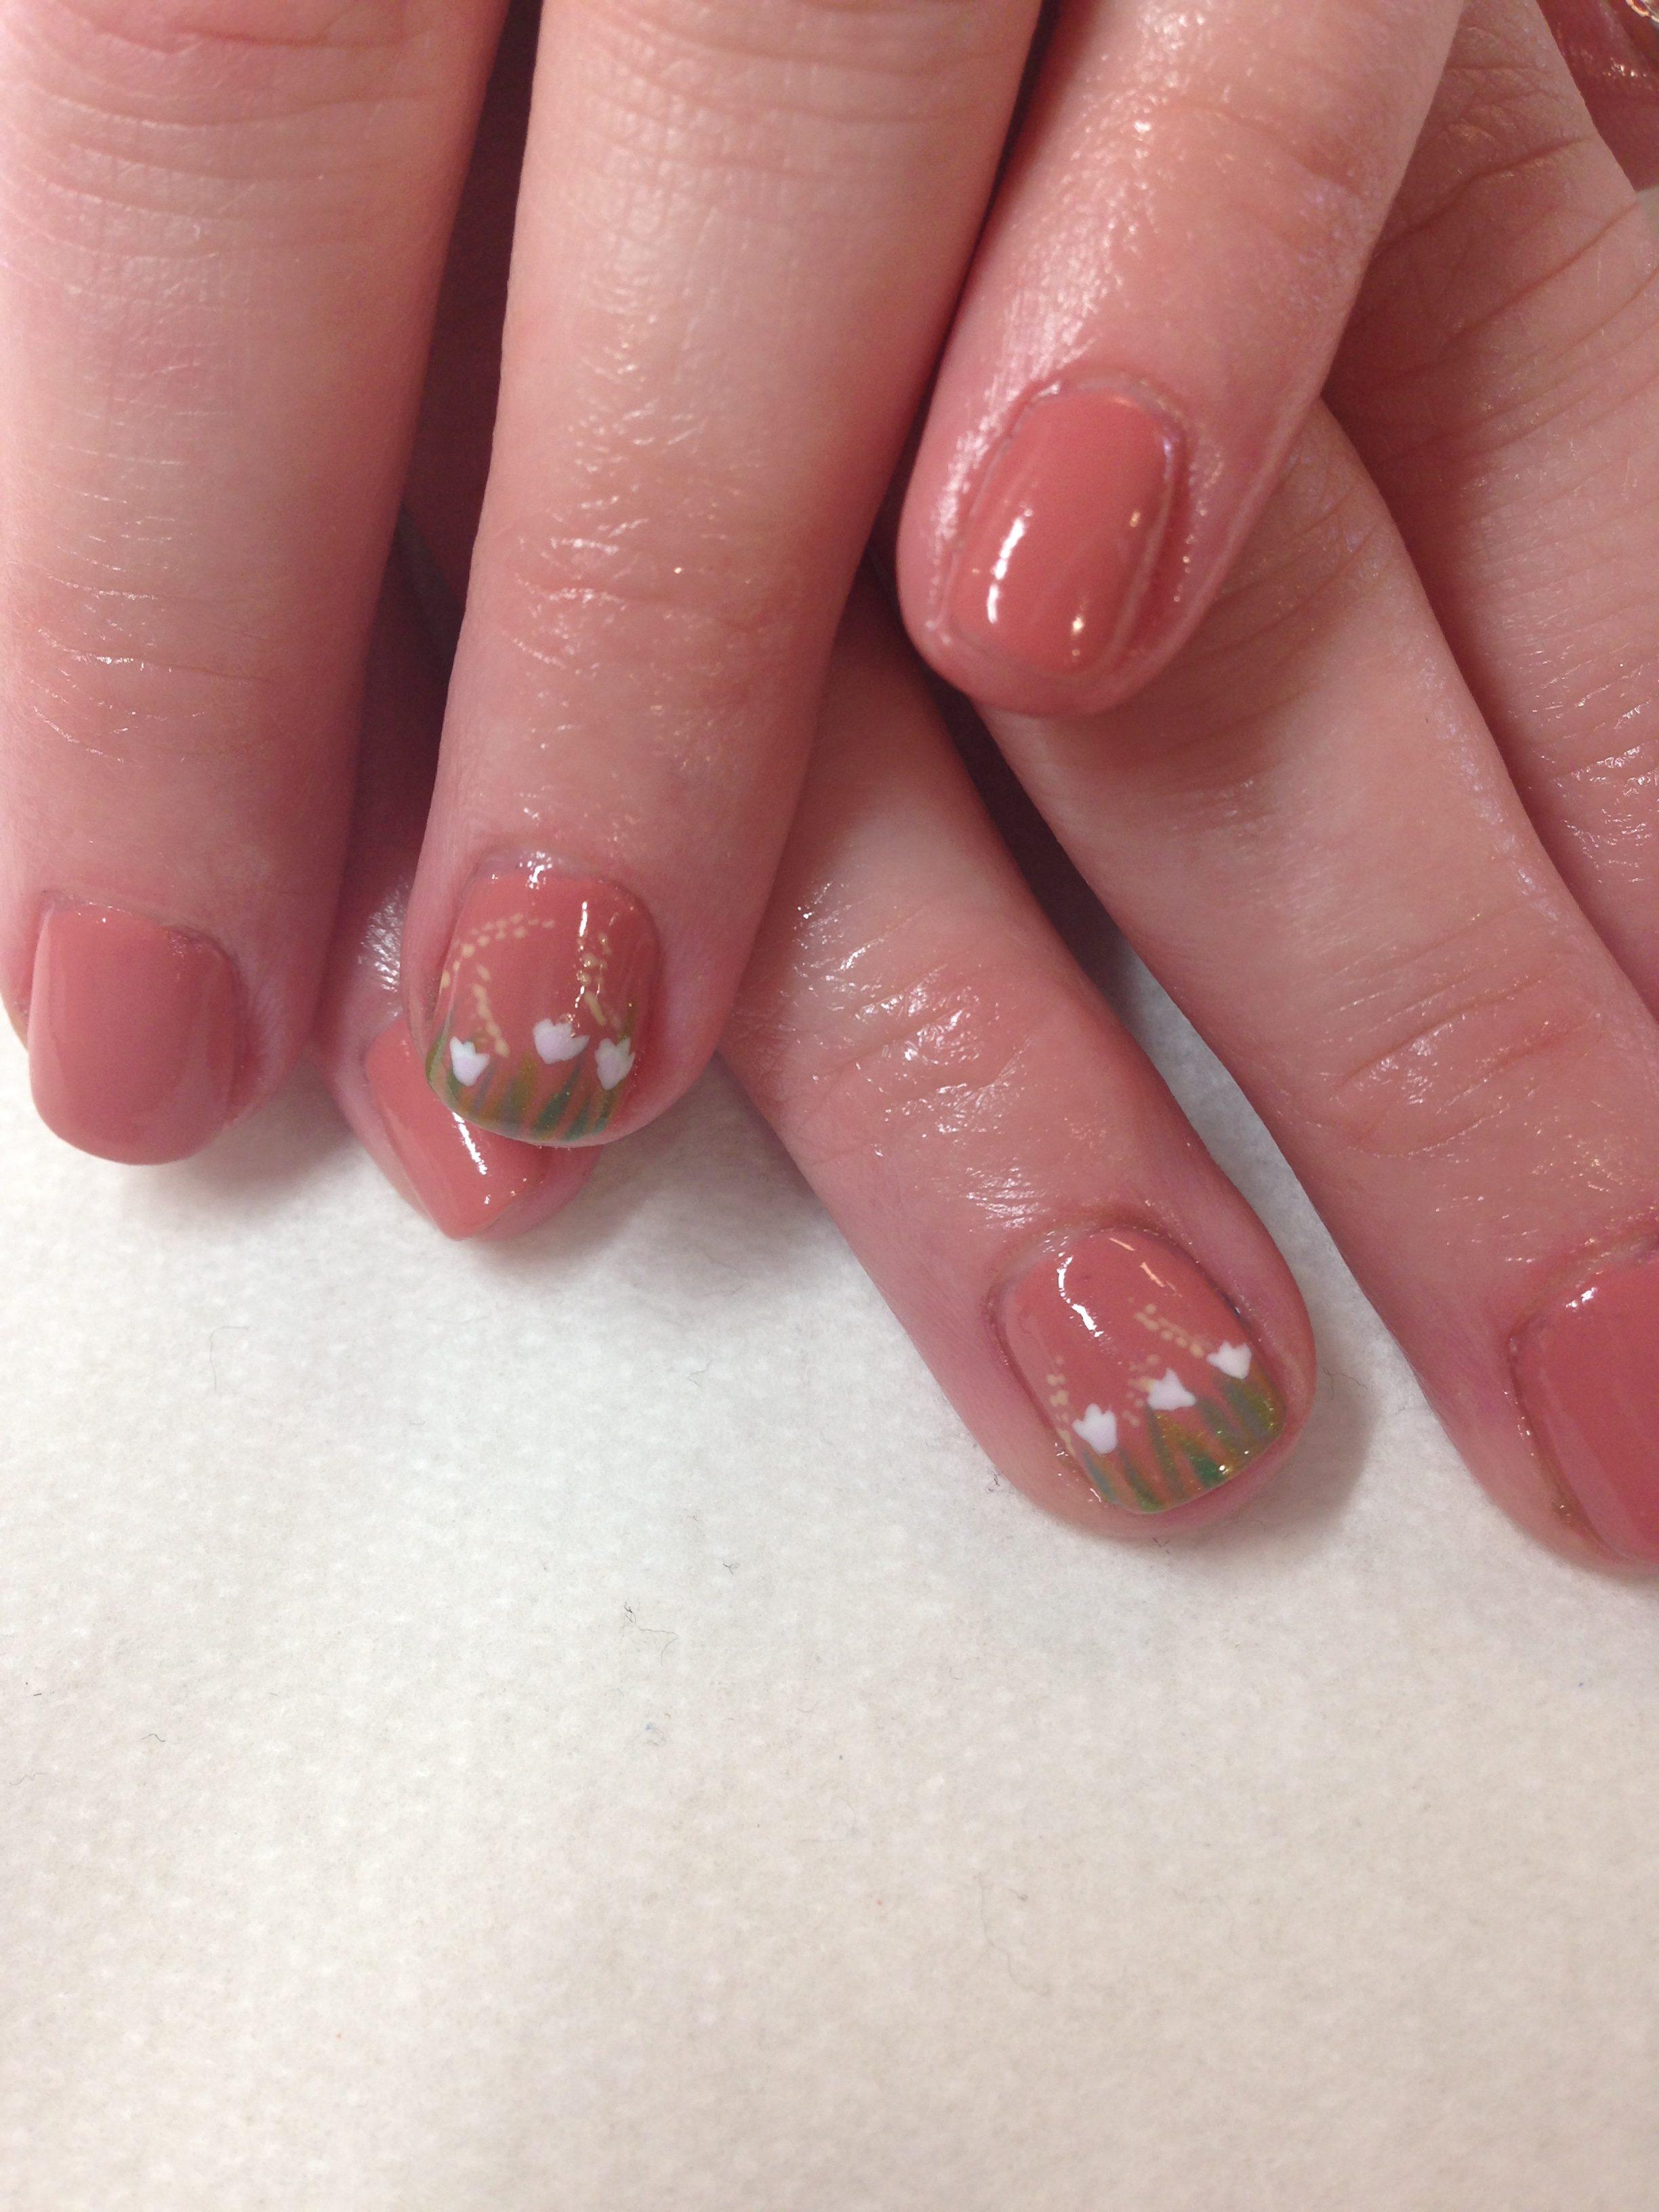 Nails - Foushee salonspa